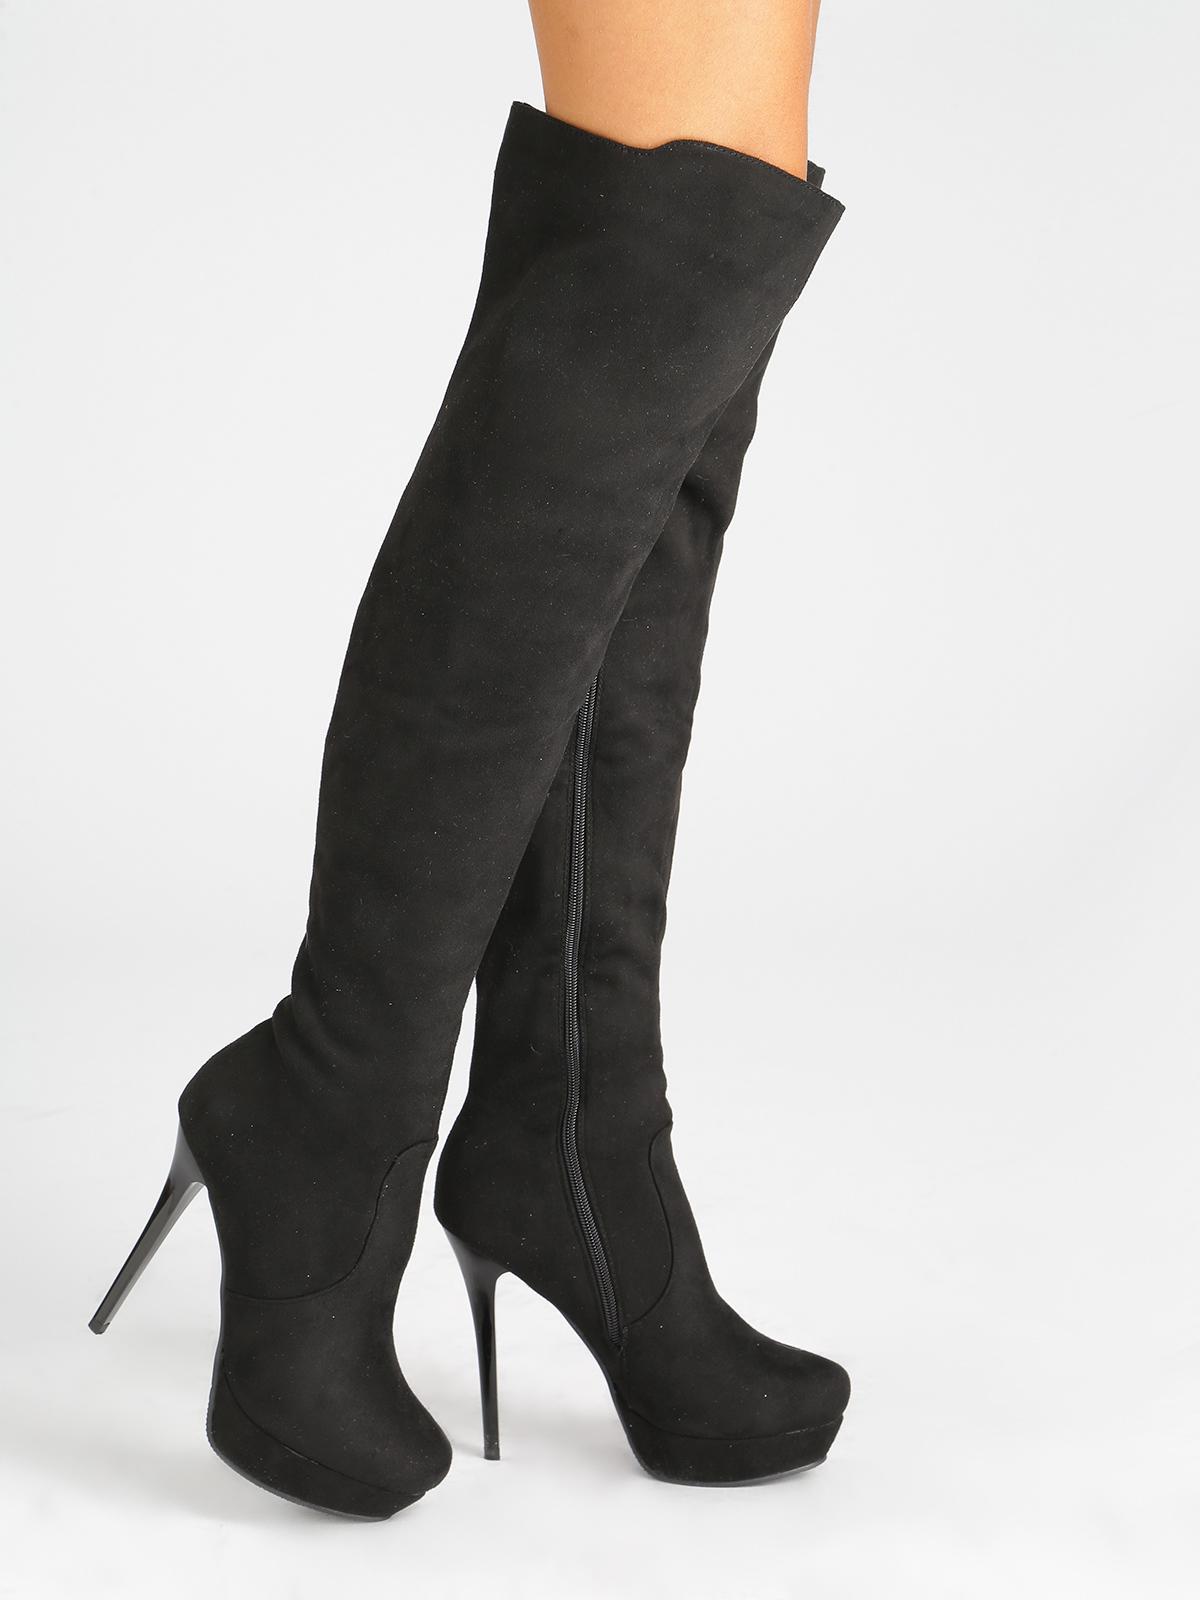 Stivali sopra il ginocchio con tacco a spillo e plateau